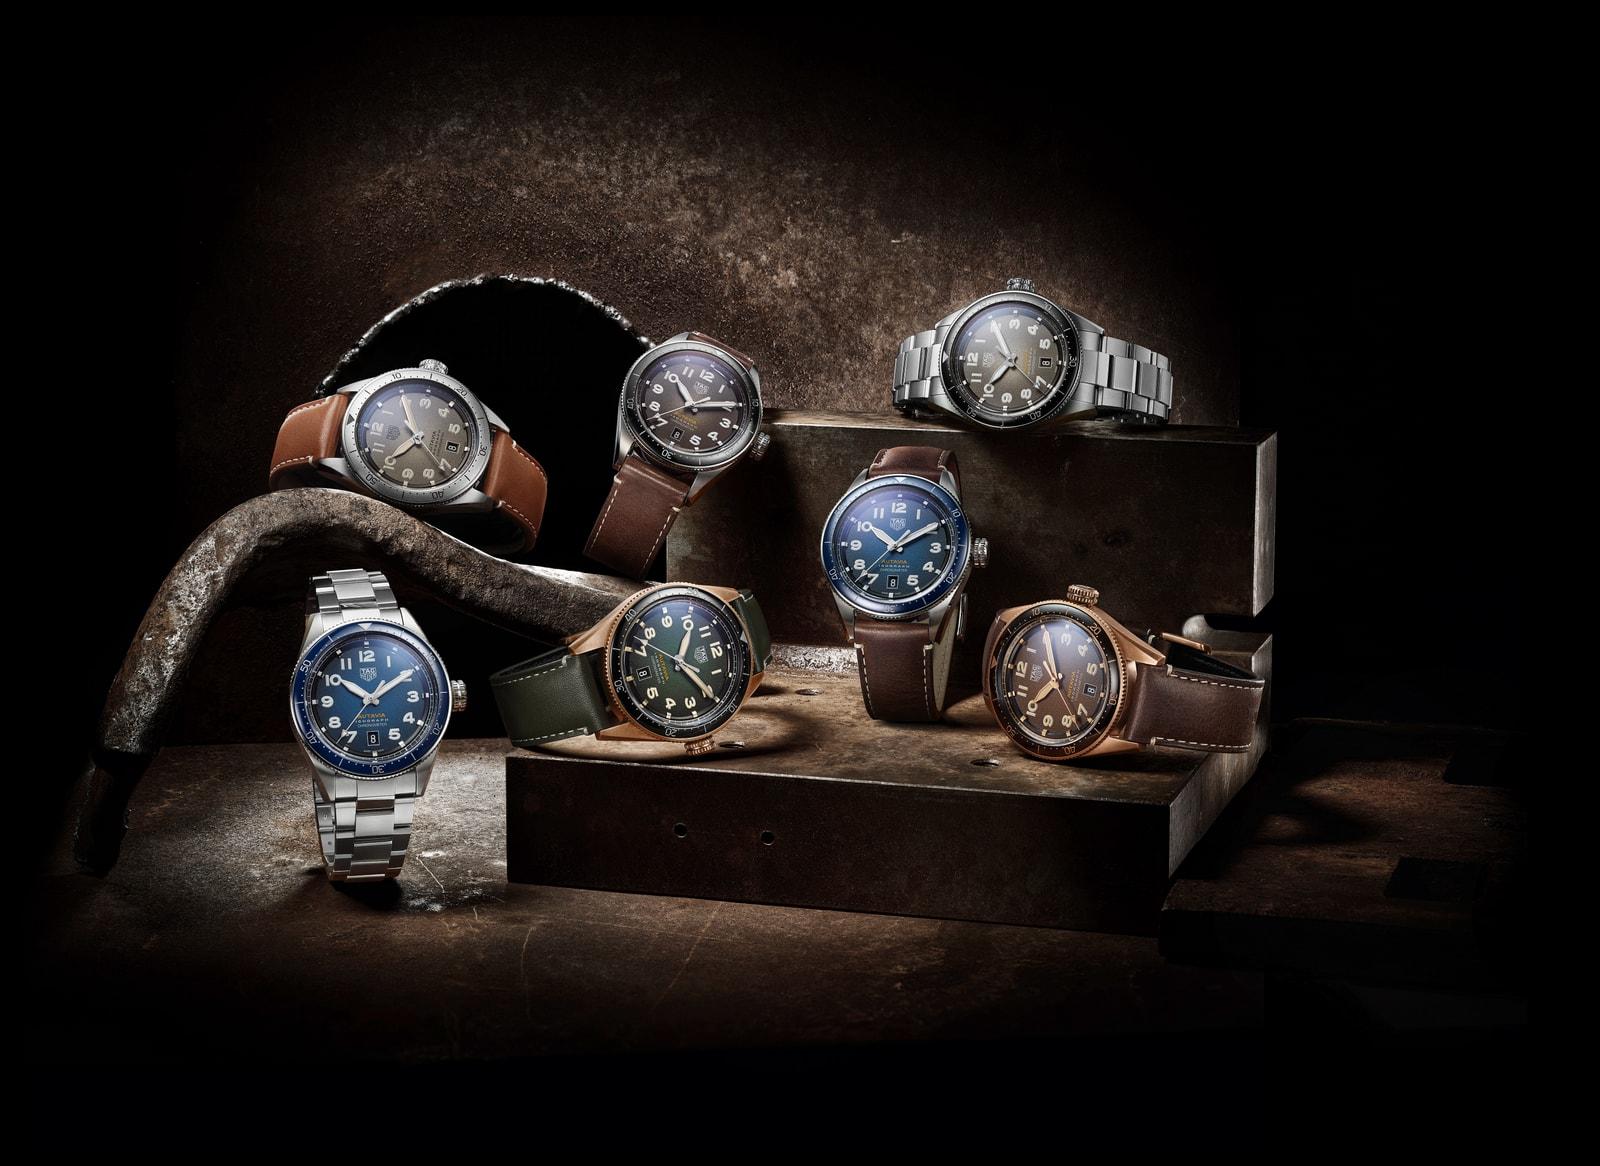 HYPEBEAST 直擊 Tag Heuer 全新錶款 Autavia 上海發佈會